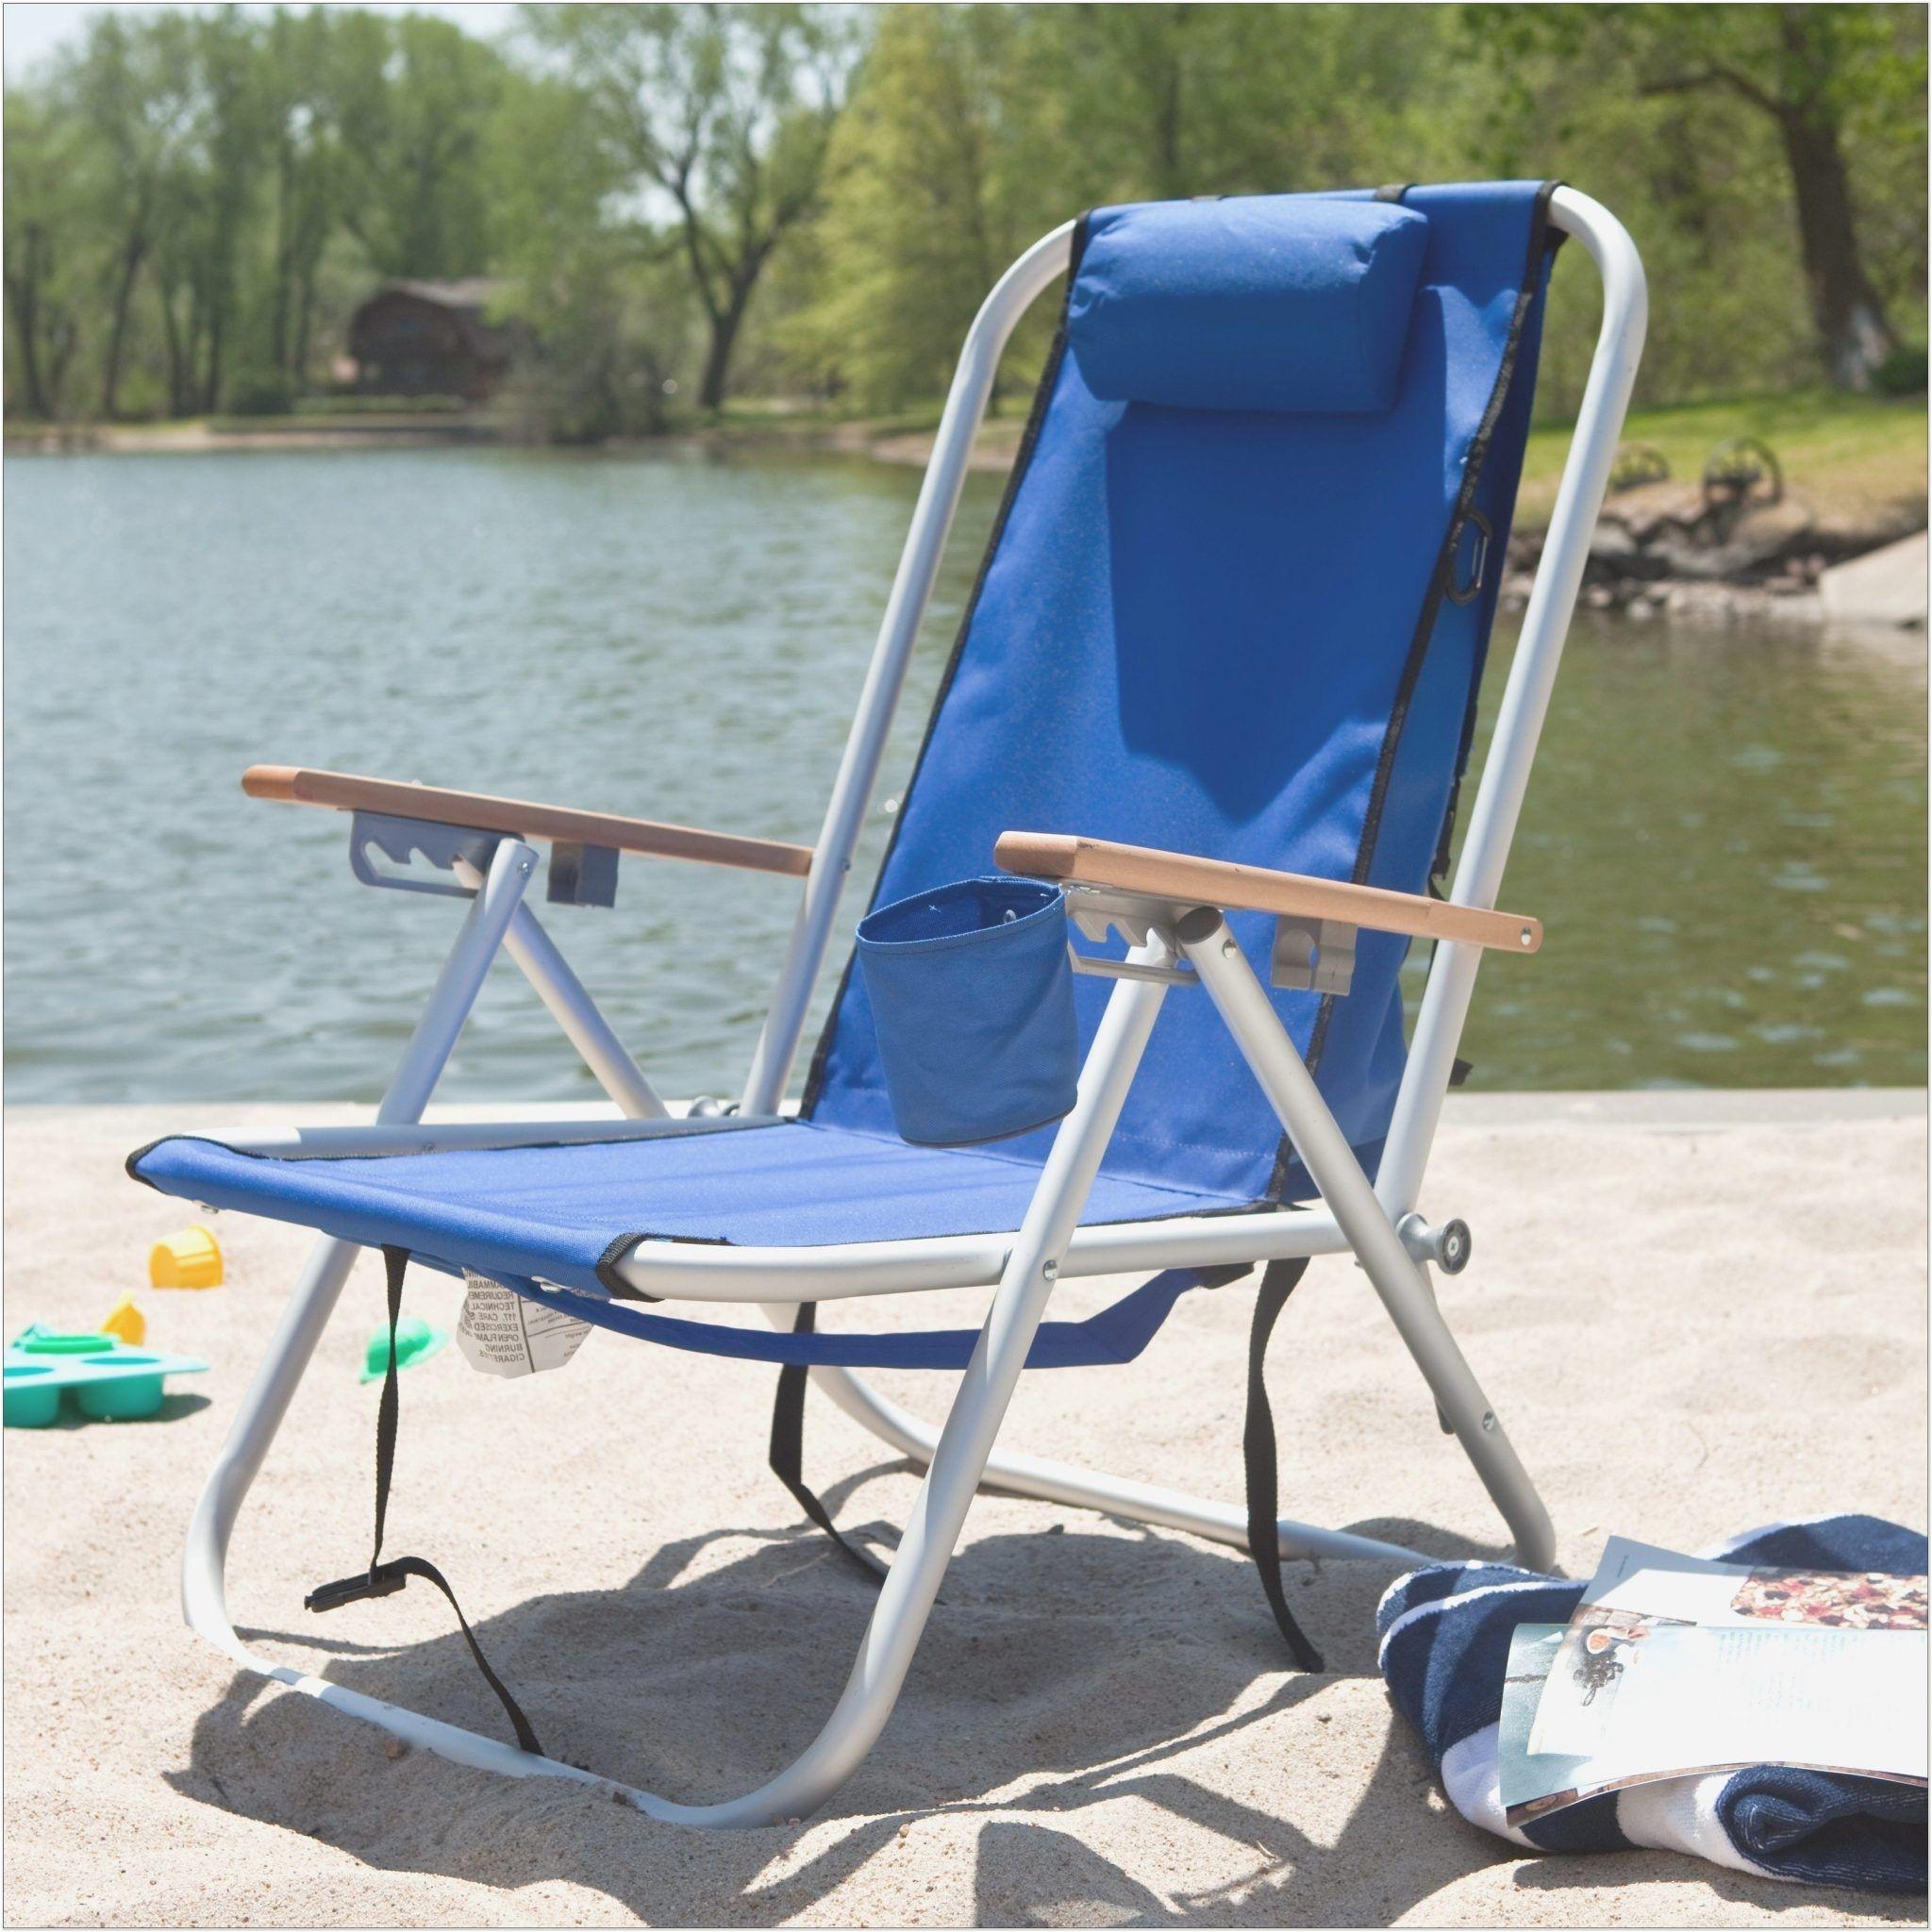 high boy beach chairs copa high boy beach chair hi boy backpack beach chair hi boy beach chair with canopy highboy backpack beach chair highboy beach